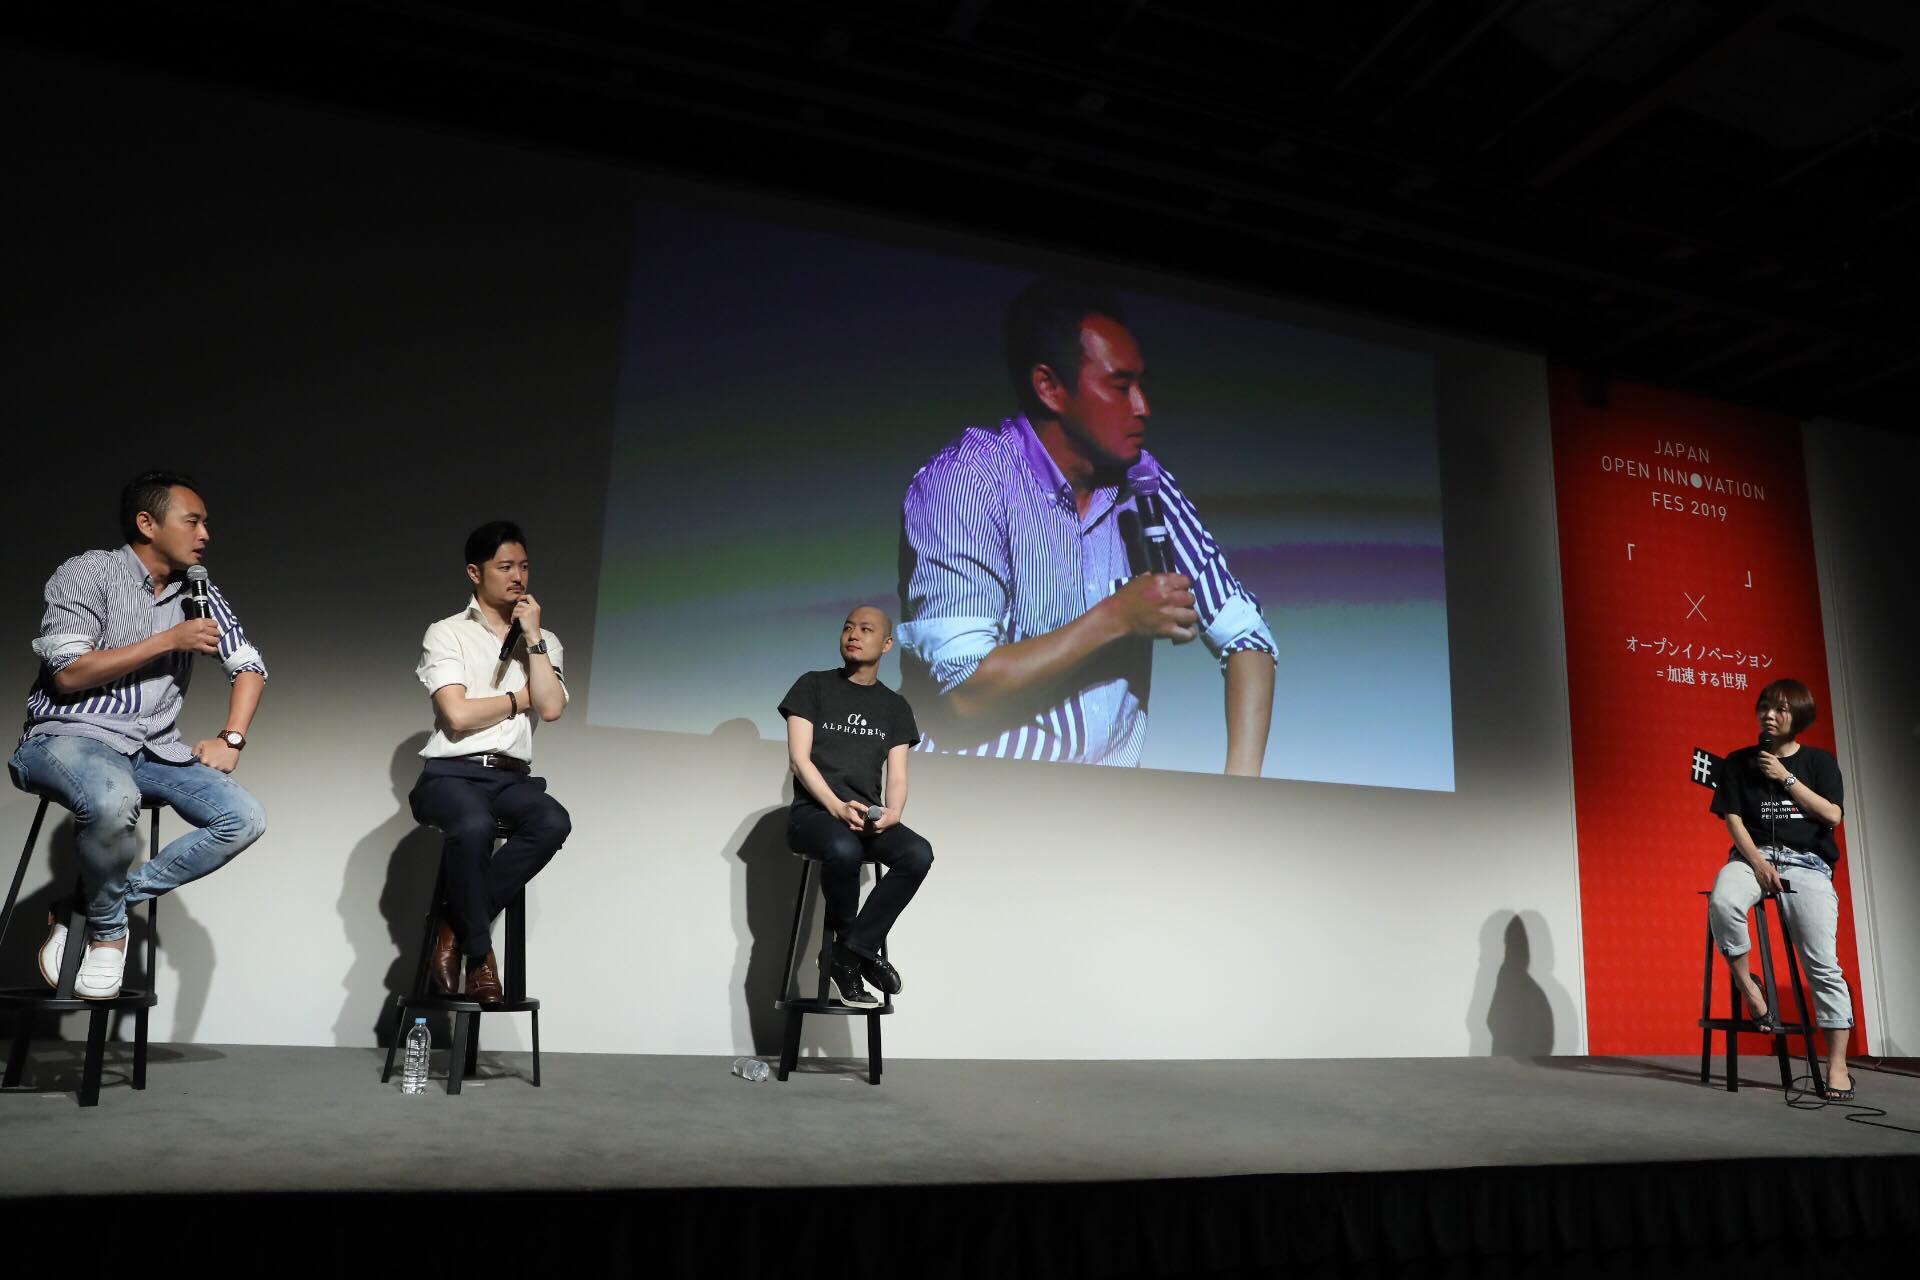 """【JOIF2019 DAY1 速報レポート】オープンイノベーションの""""今""""と""""未来""""を知るフェス、開幕!"""